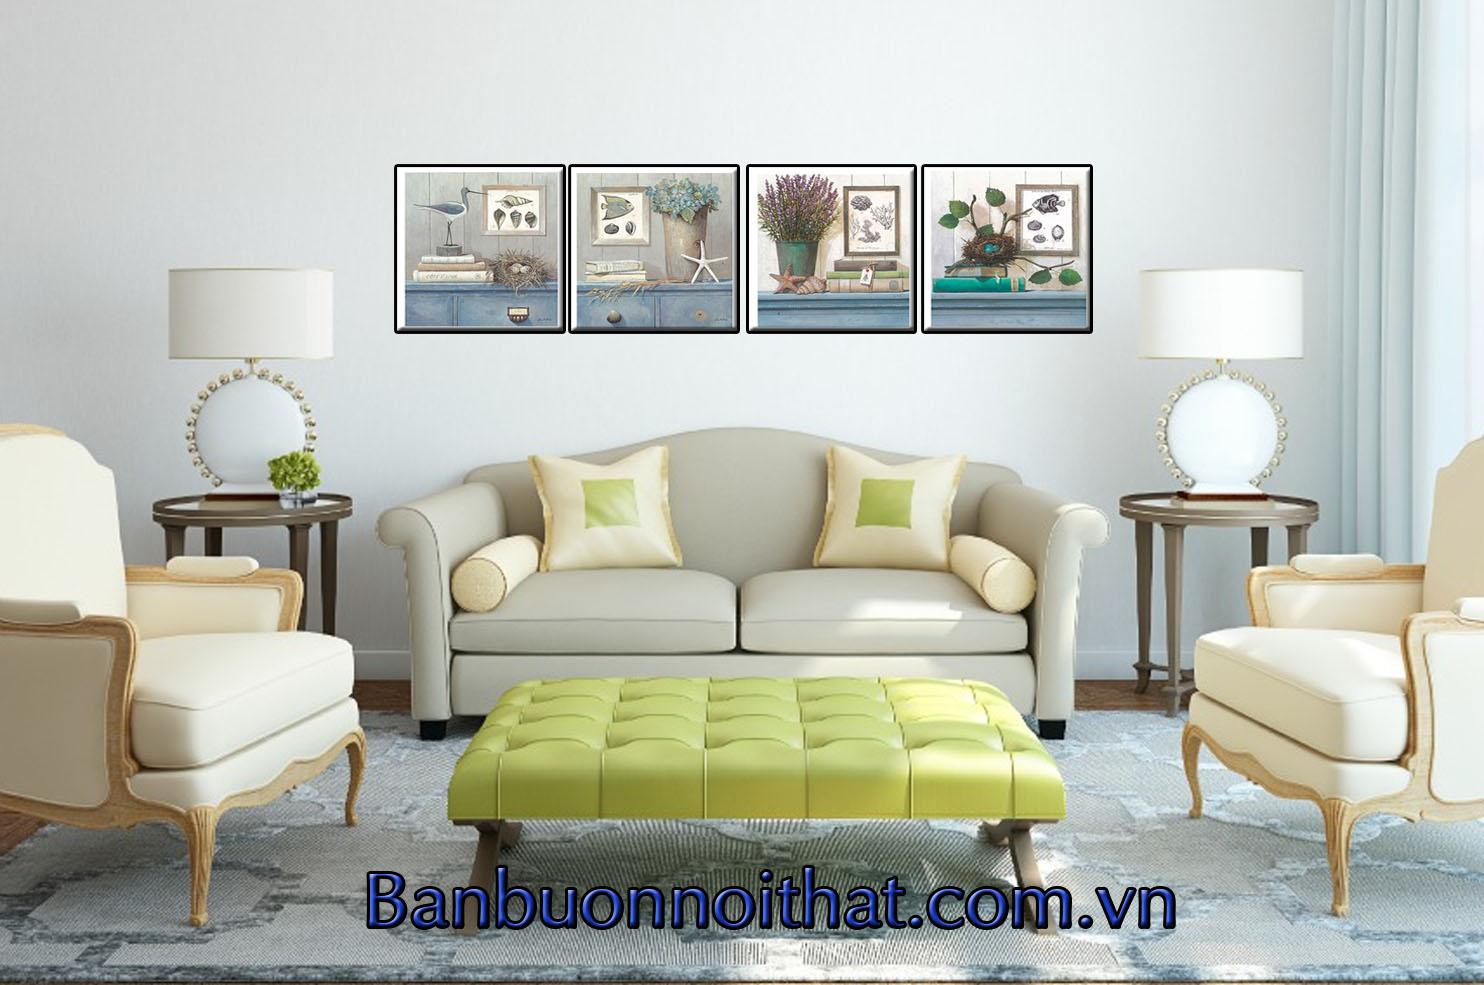 Tranh Vintage trang trí phòng khách với không gian sang trọng